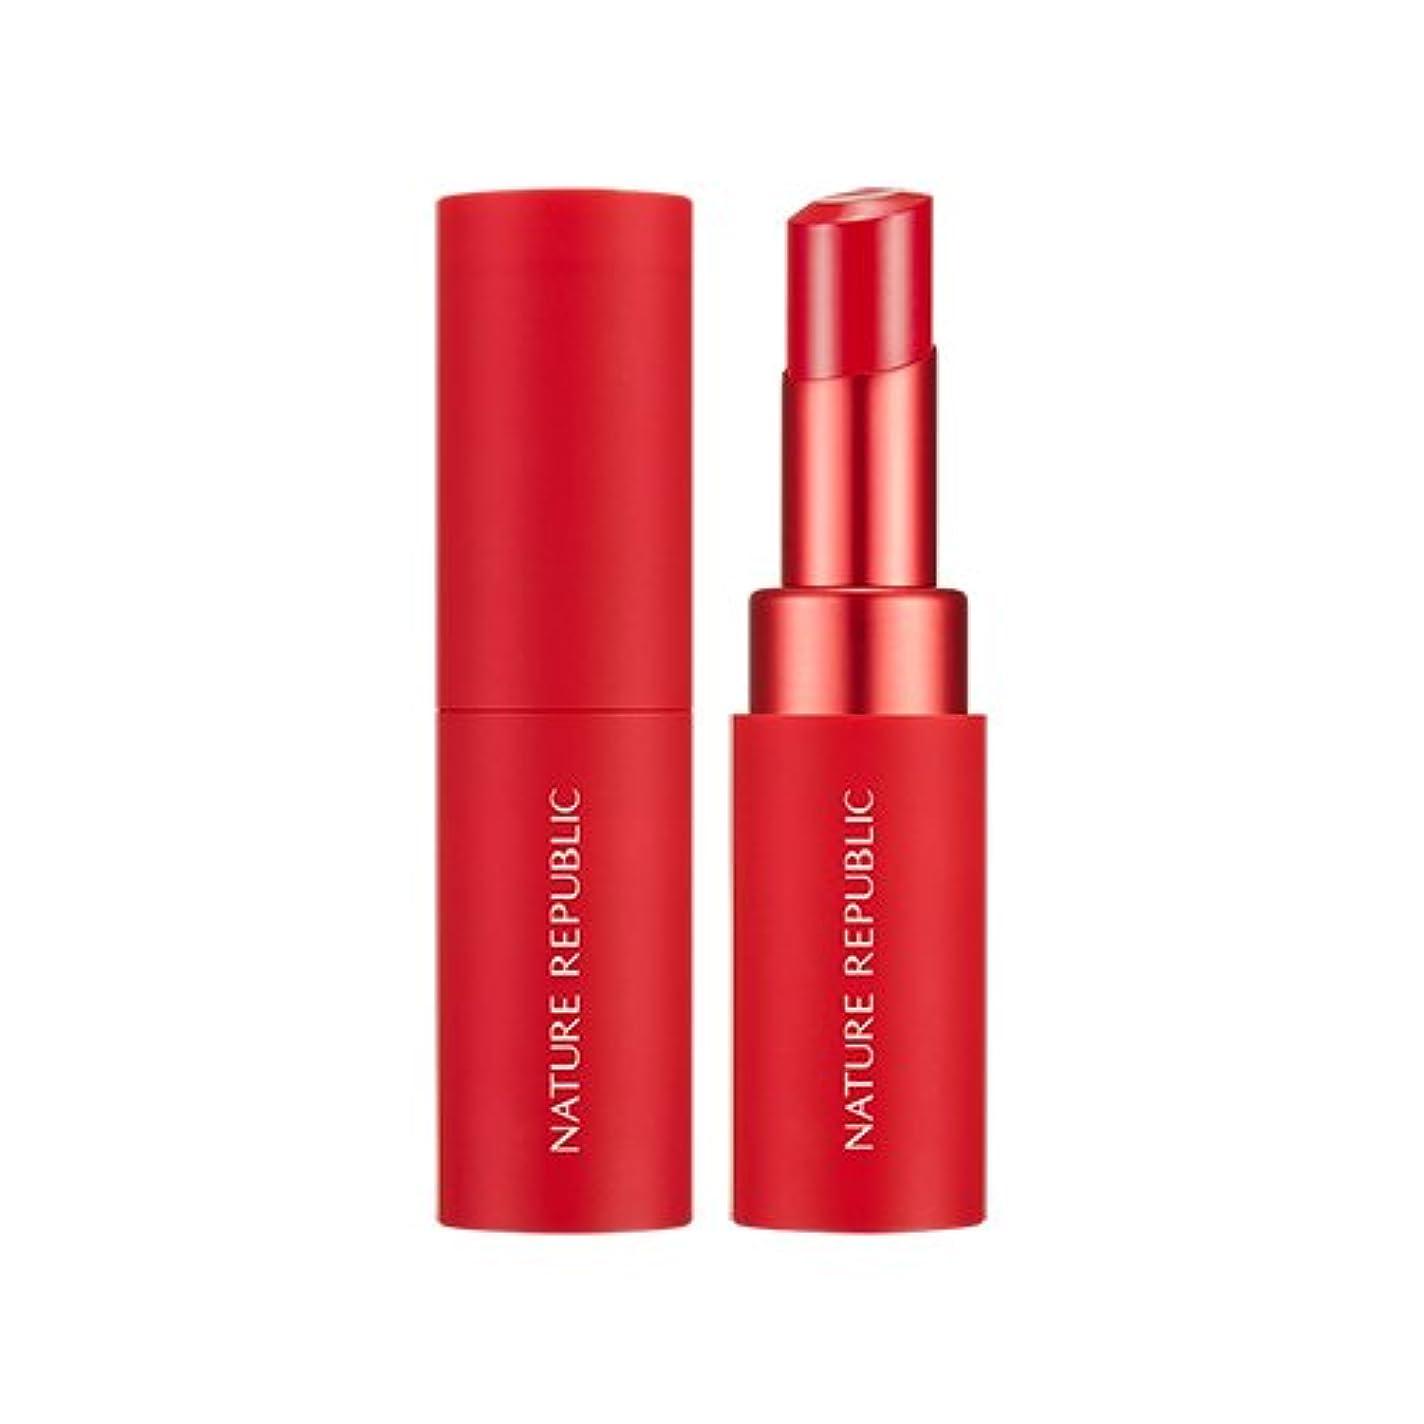 設置服を洗う裏切りNATURE REPUBLIC Real Matte Lipstick (05 Sparkling Pink) / ネイチャーリパブリック リアルマットリップスティック [並行輸入品]